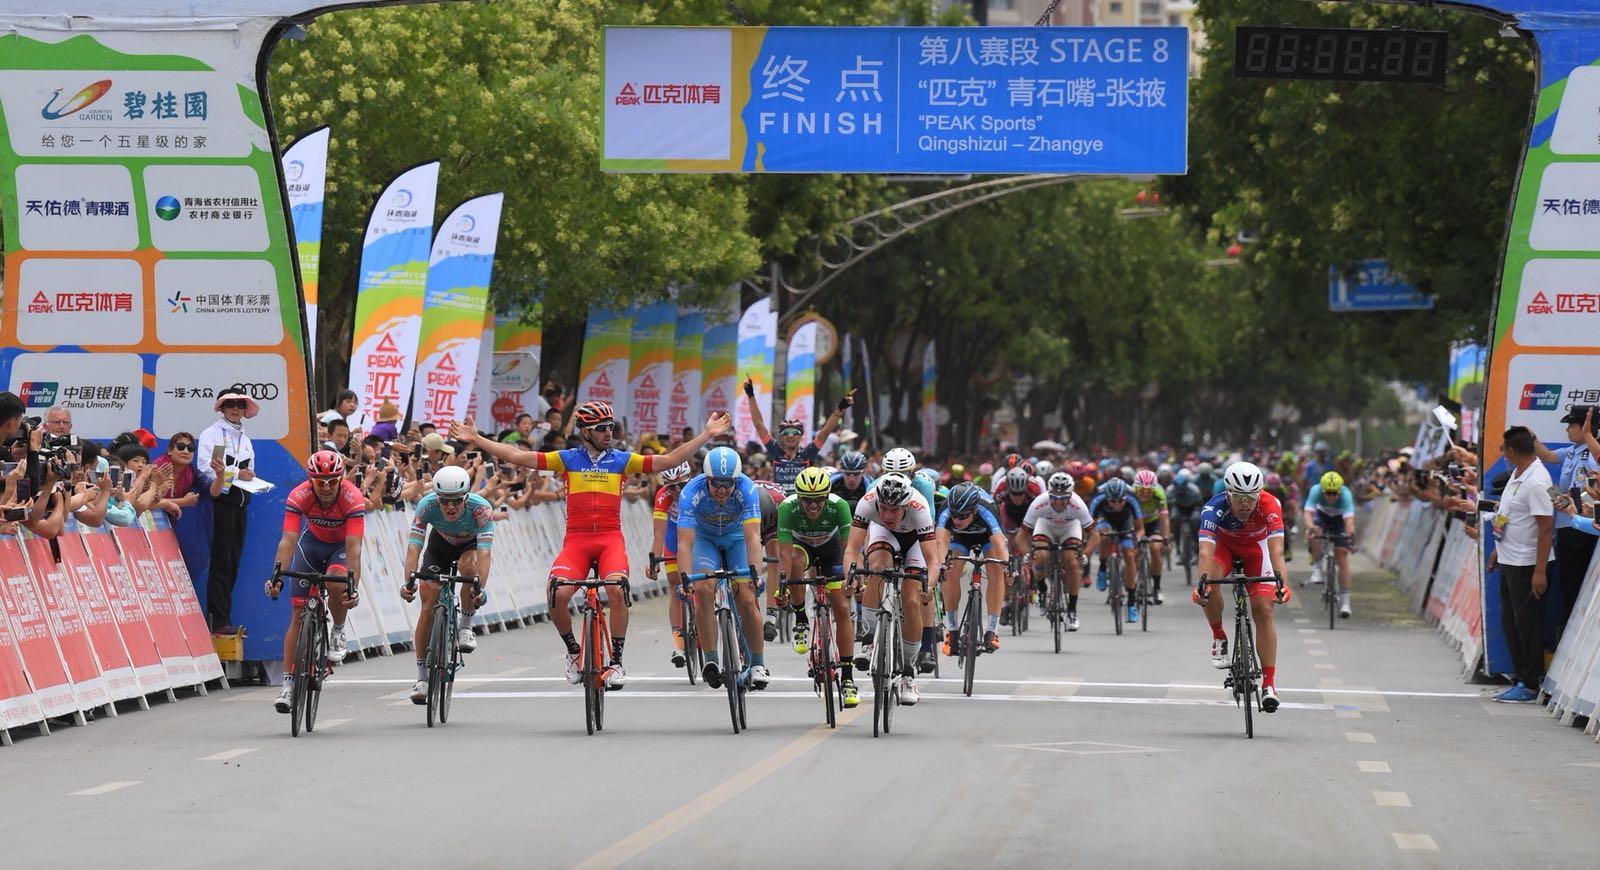 Eduard Grosu vince l'ottava tappa del Tour of Qinghai Lake